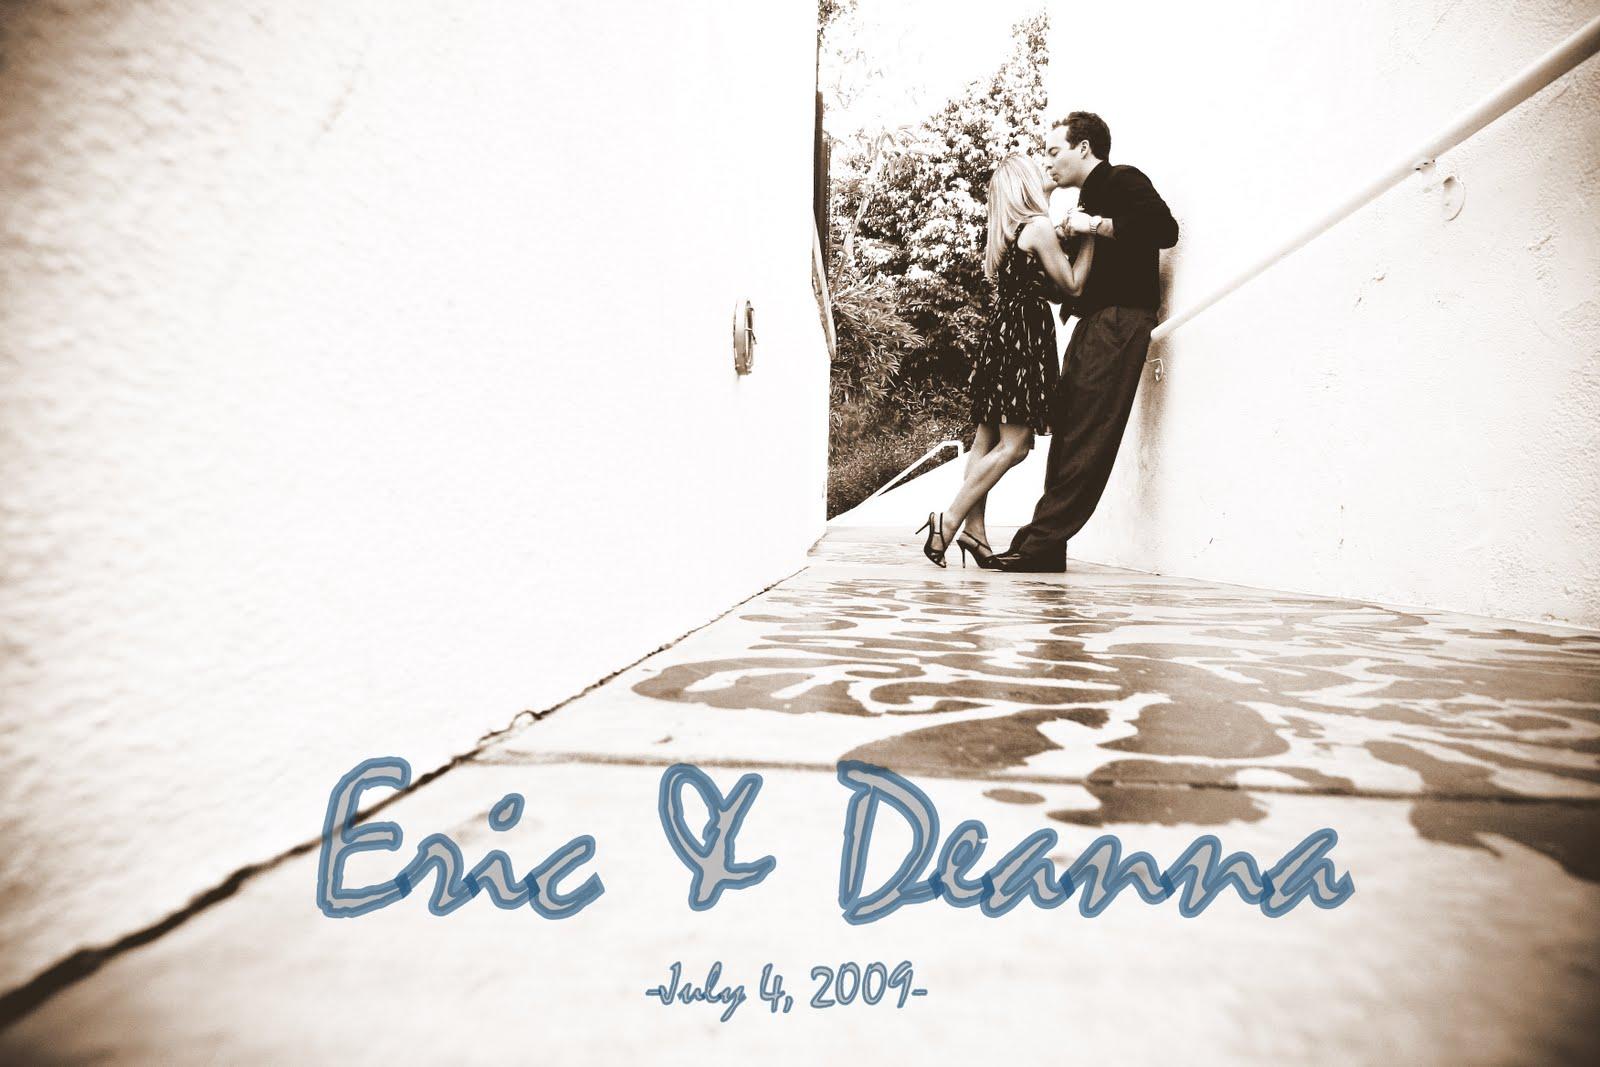 Eric and Deanna